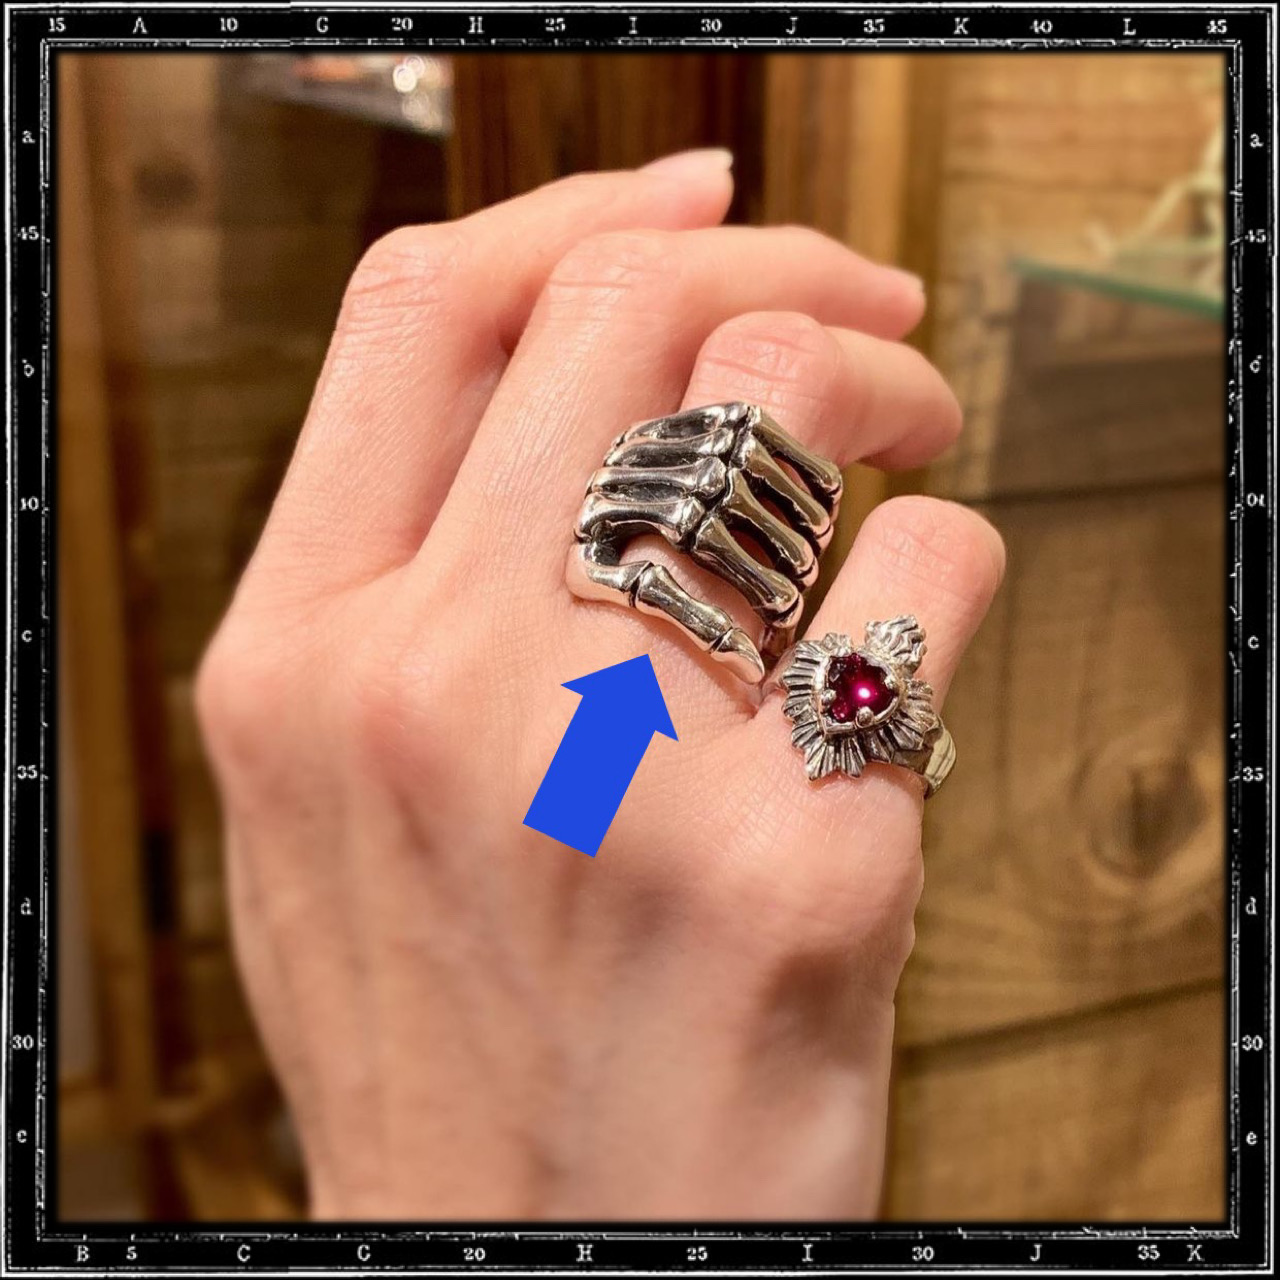 BONE HAND RING